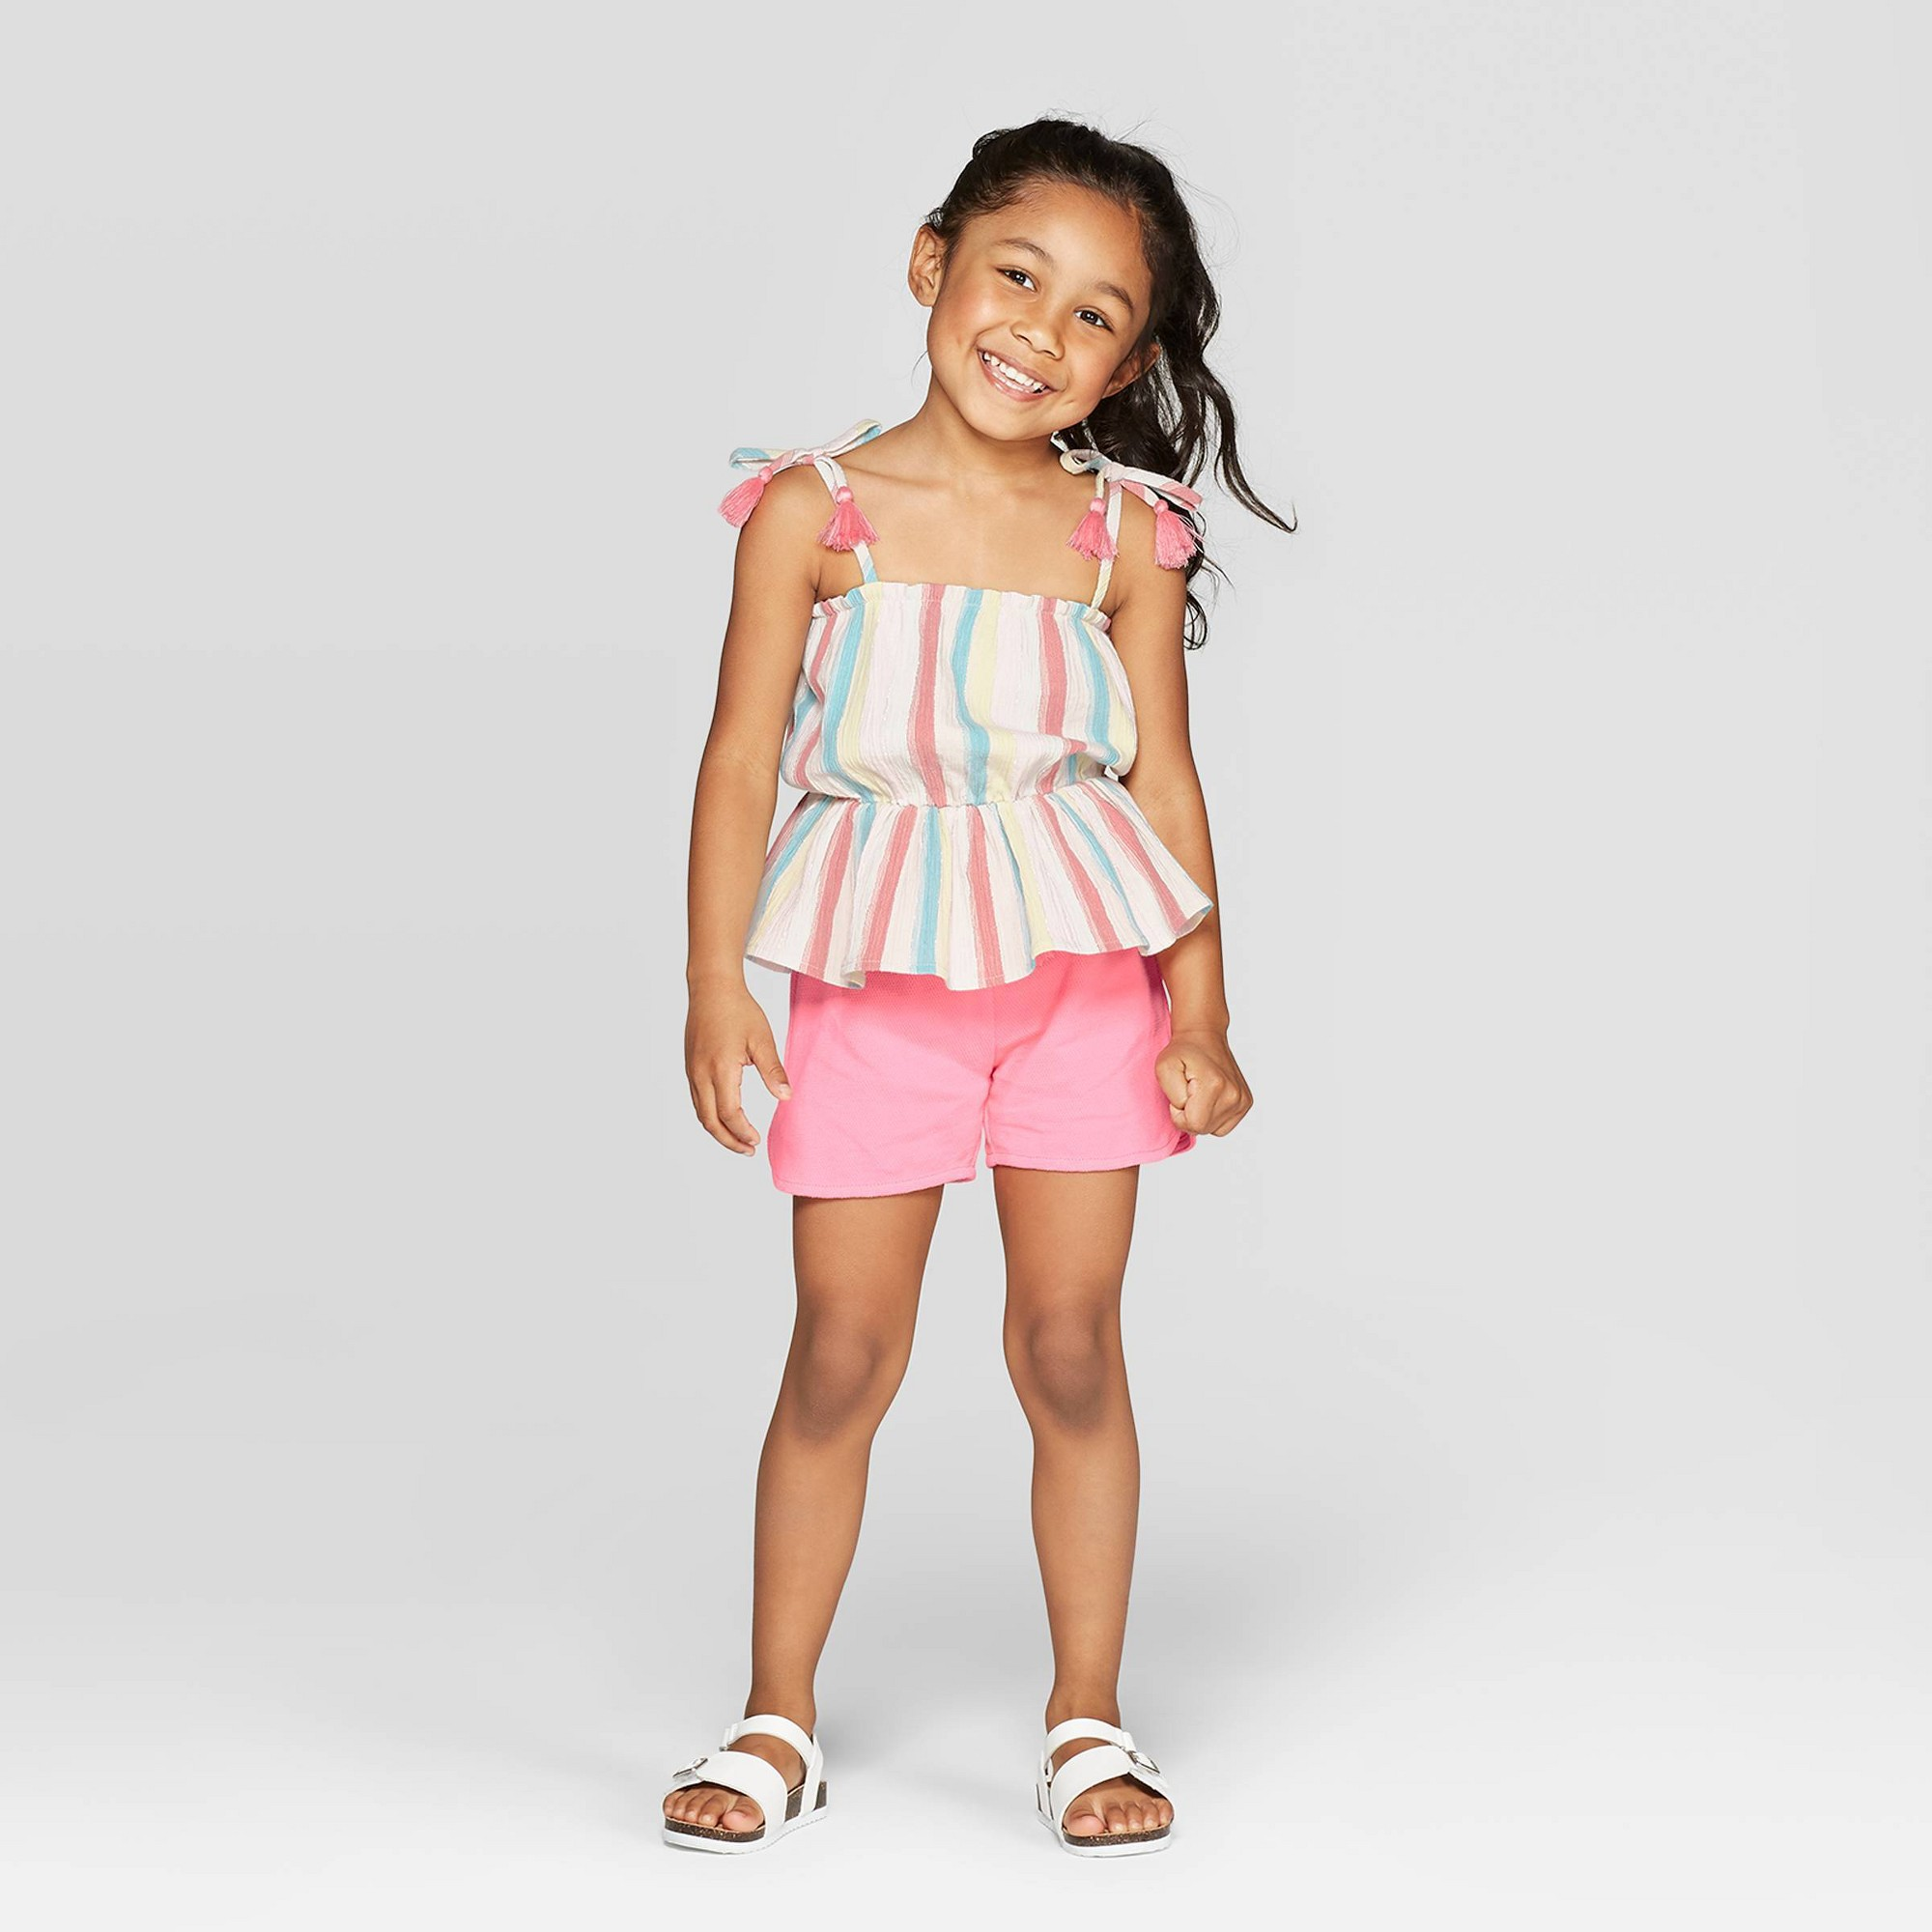 Mila & Emma Toddler Girls' 2pc Peplum Tank and Shorts Set - Pink 2T